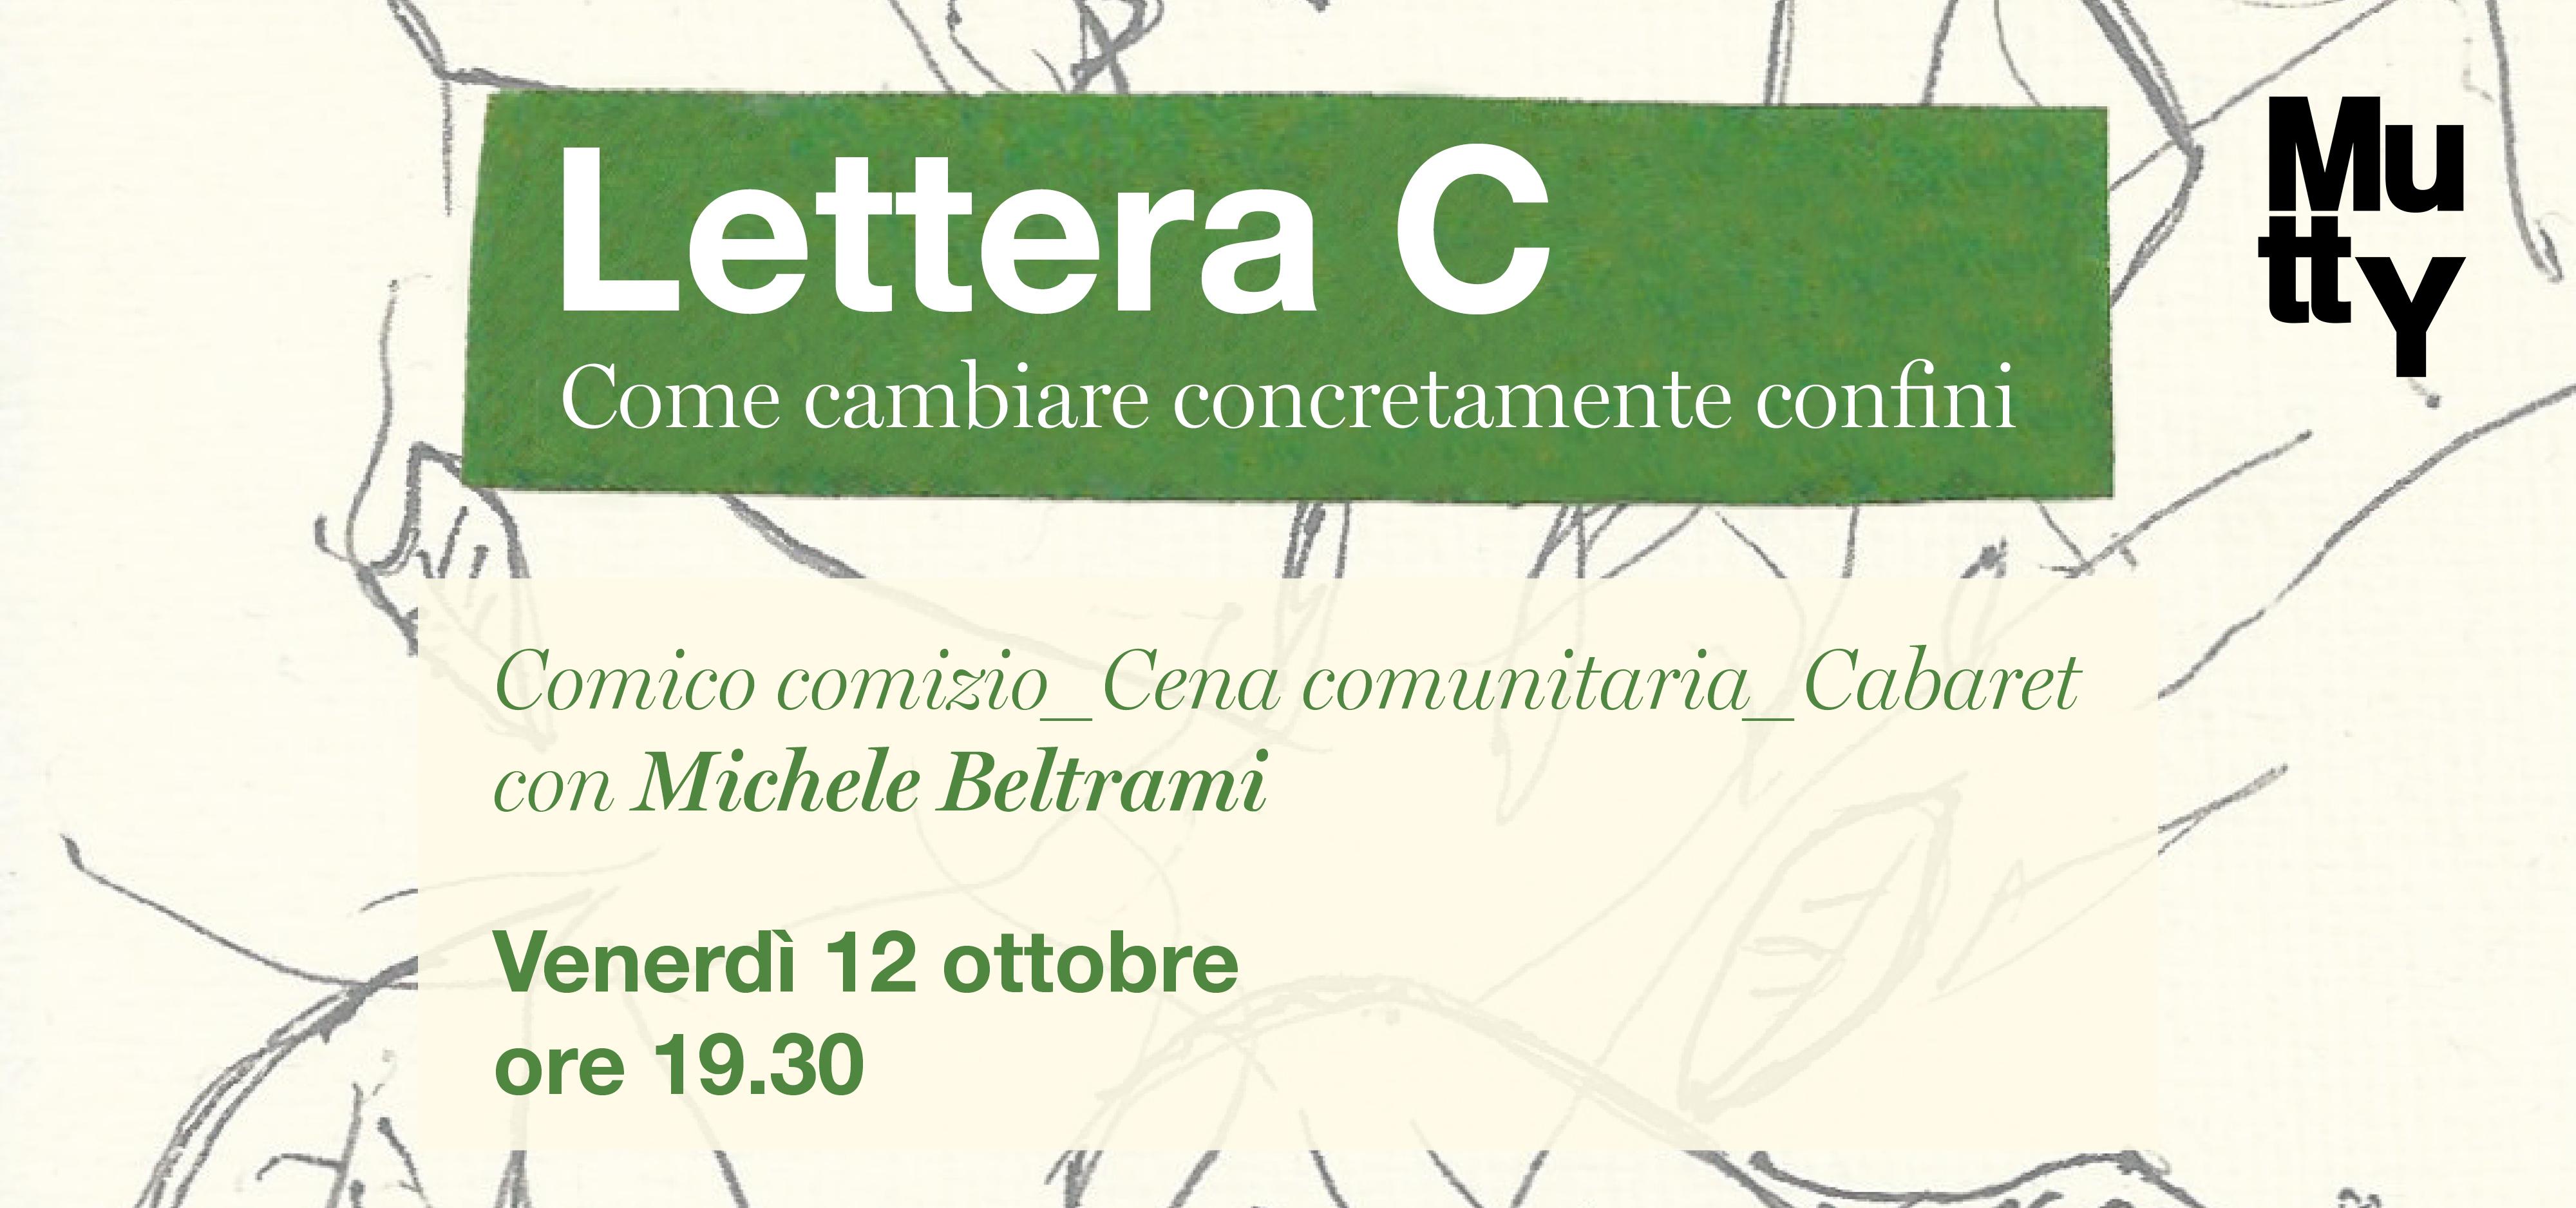 Lettera C / Comico comizio-Cena comunitaria-Cabaret